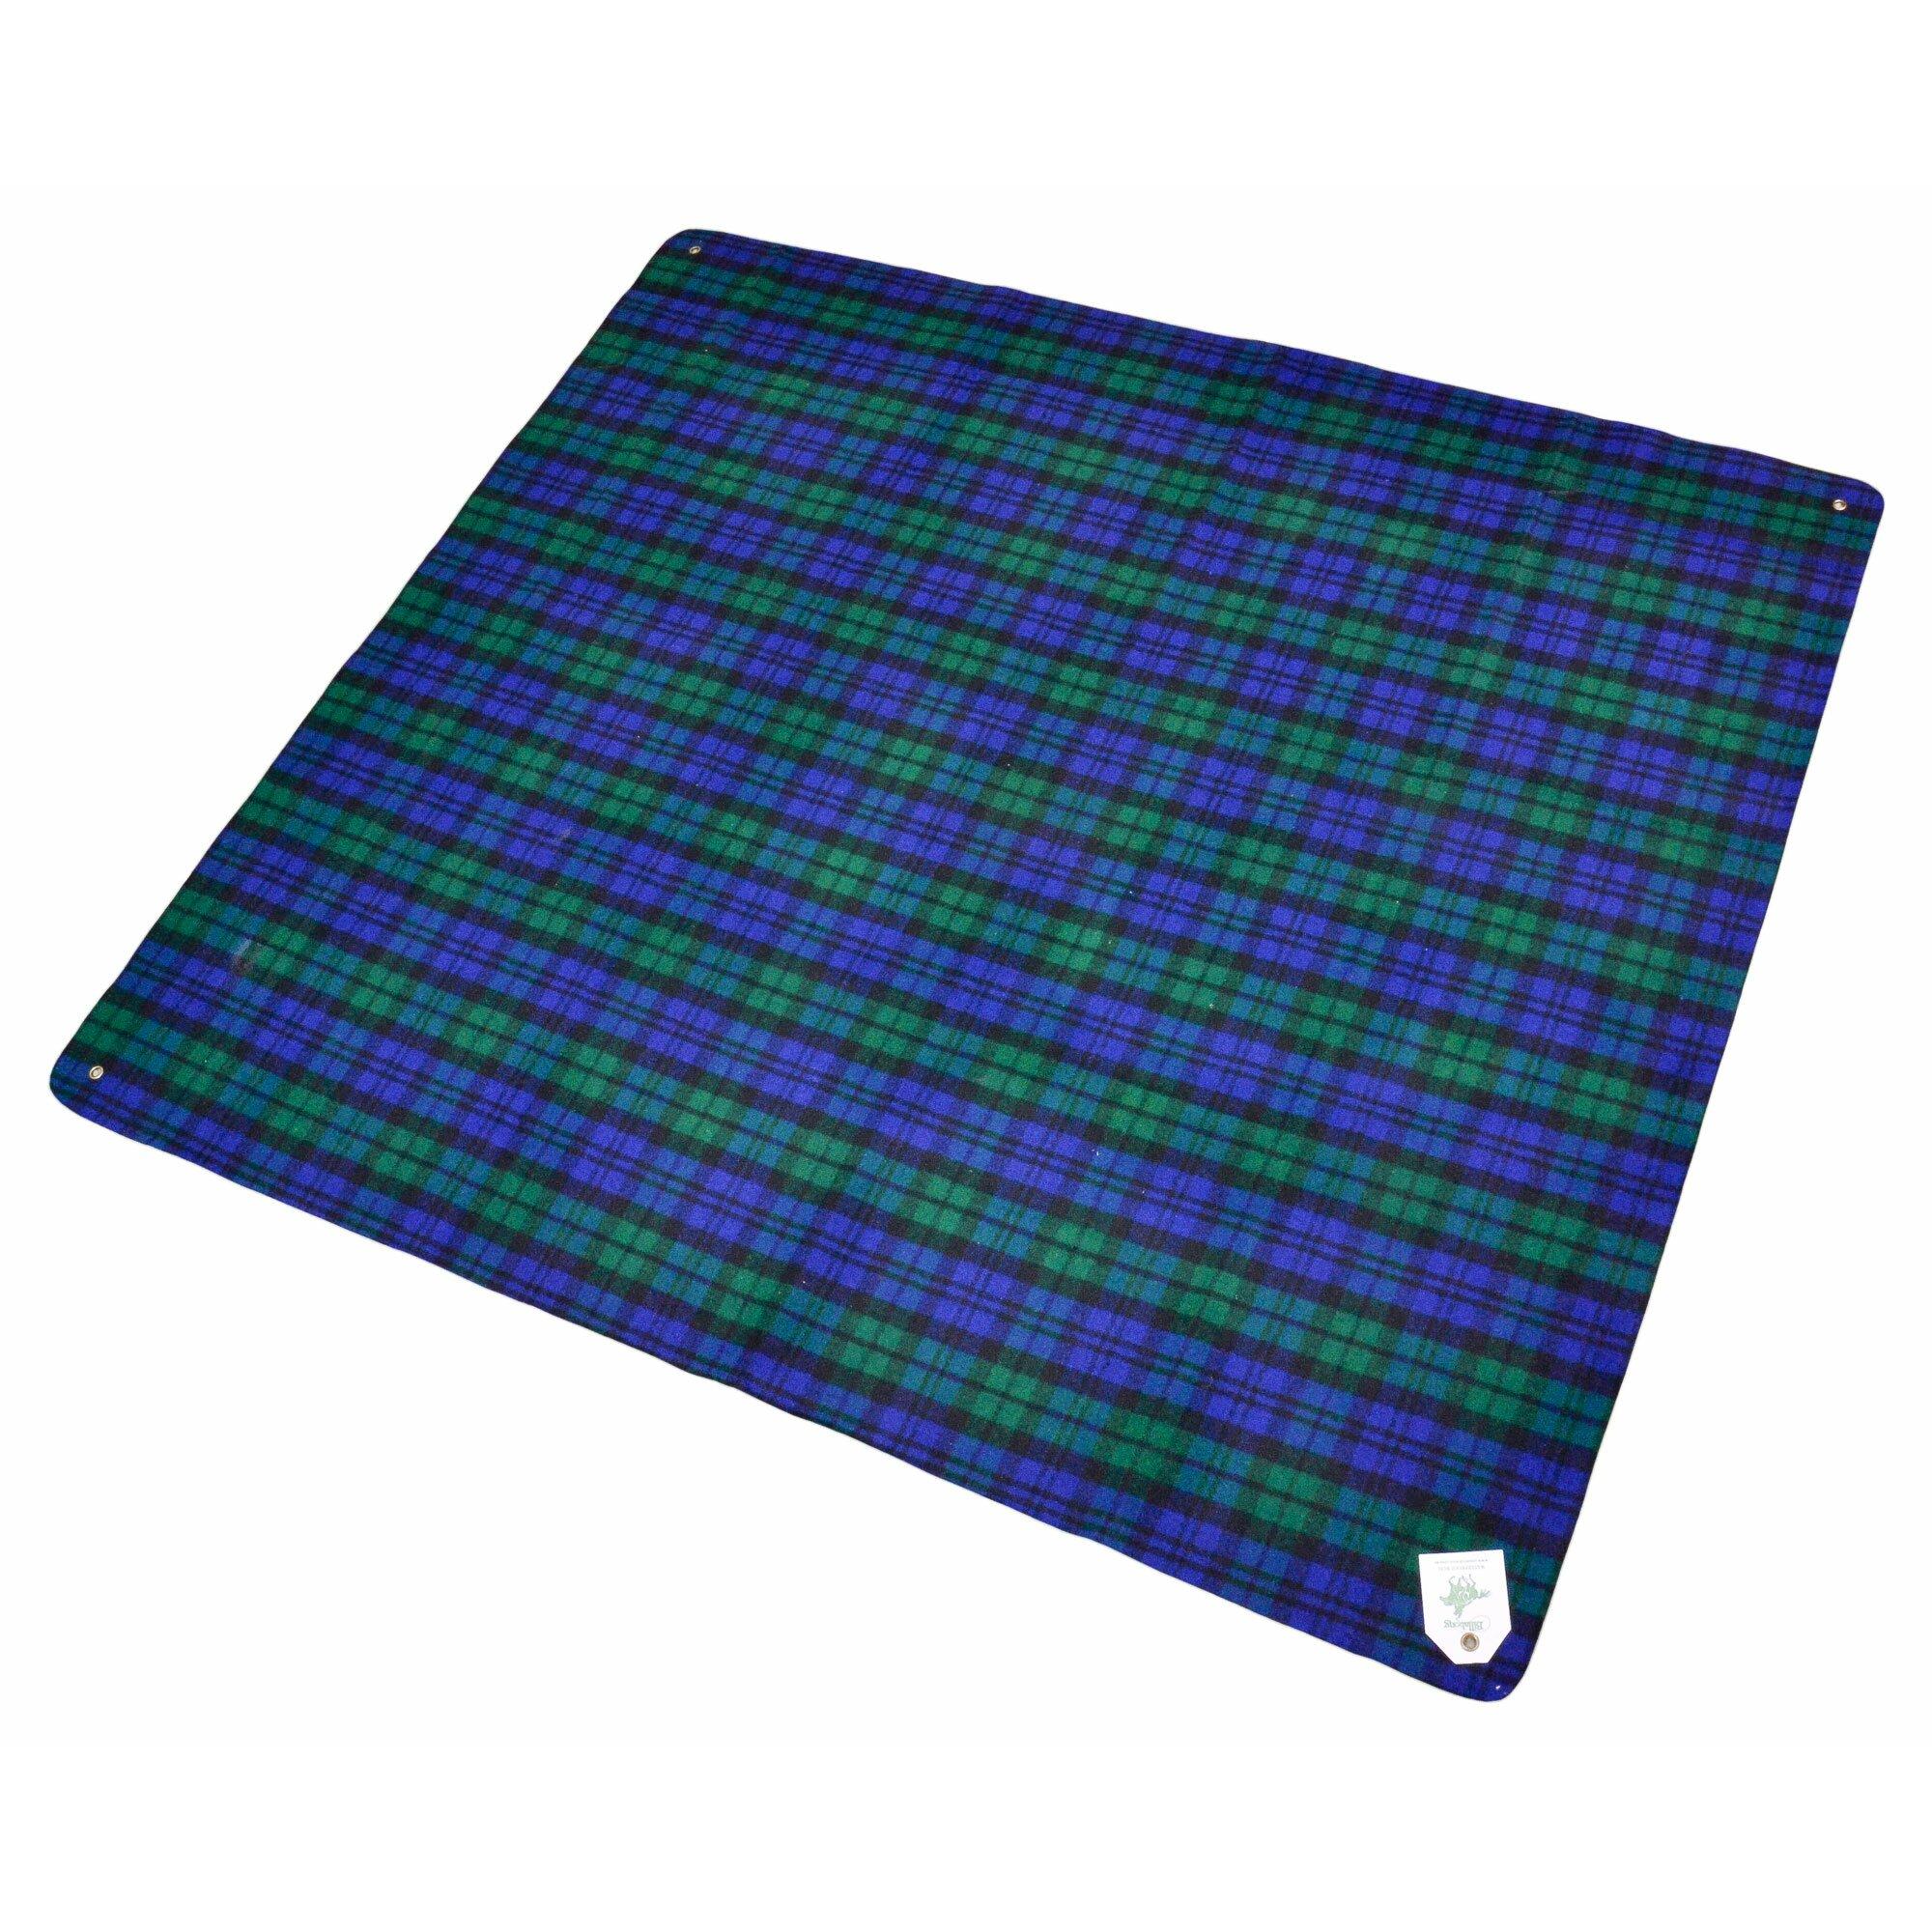 Outdoor Down Blanket Creswick Billabong Waterproof Wool Nylon Outdoor Picnic Blanket